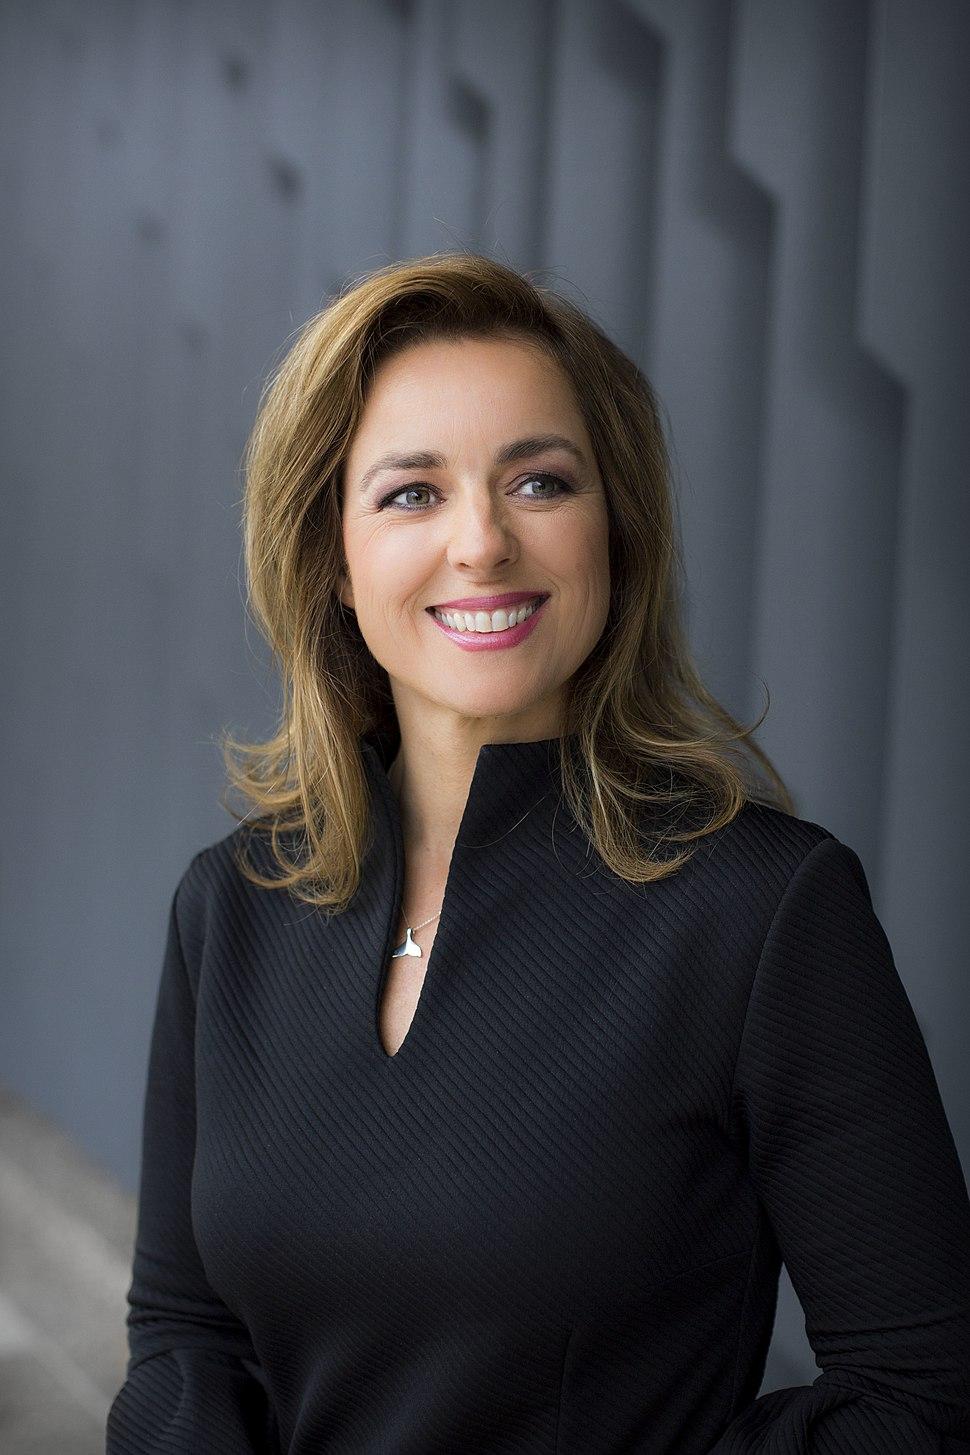 Marianne Thieme in 2017